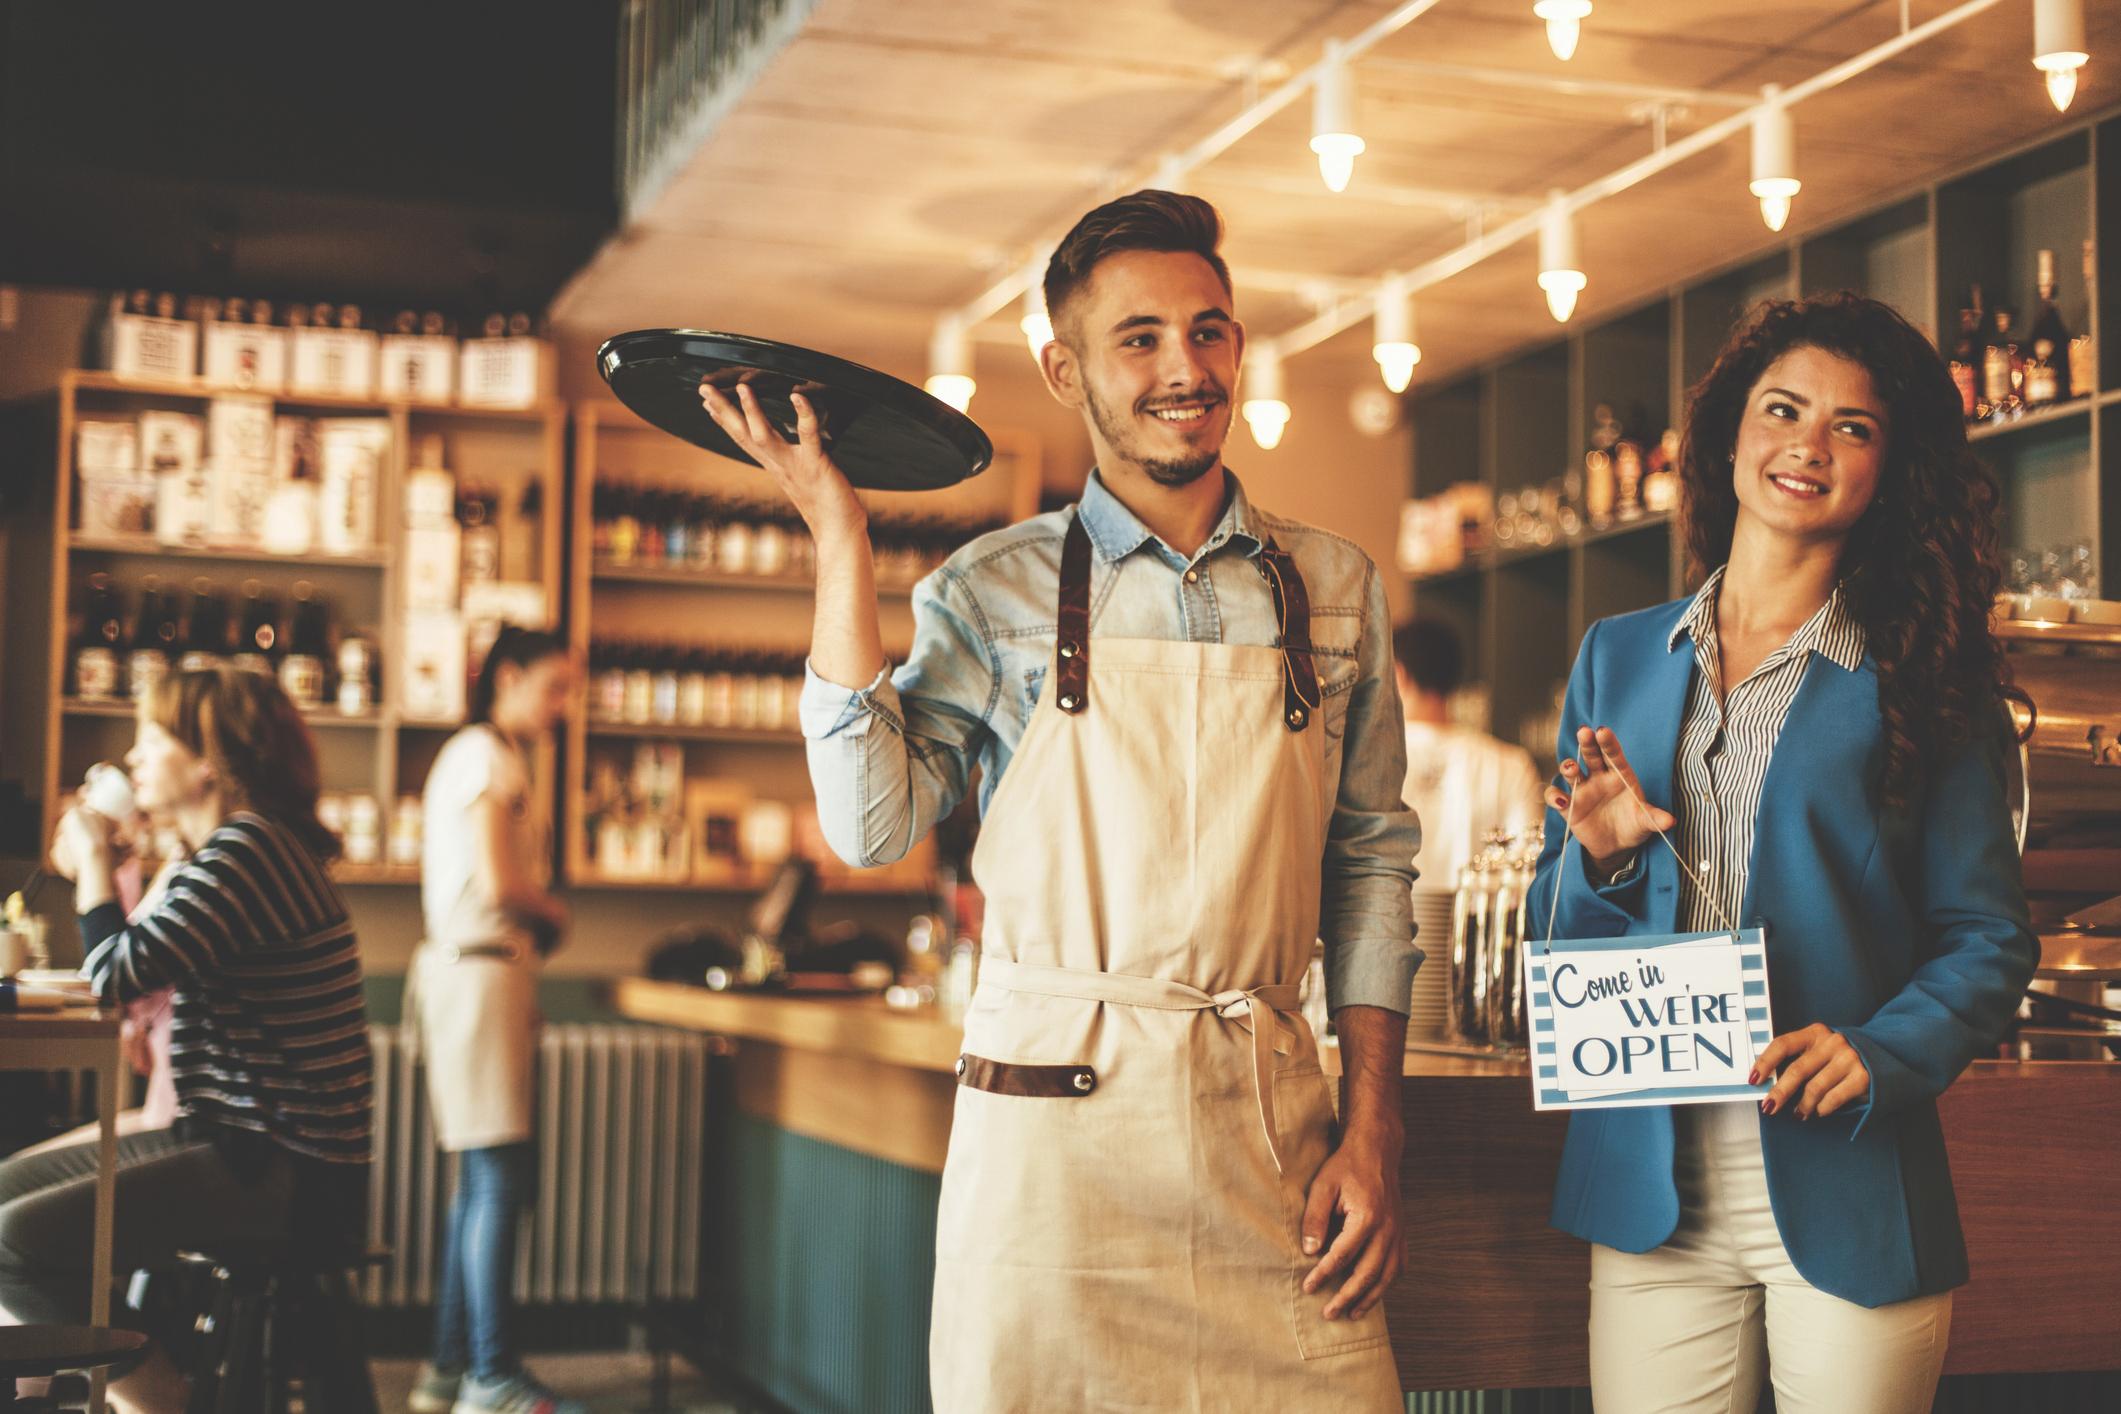 Restaurant Owner Operator